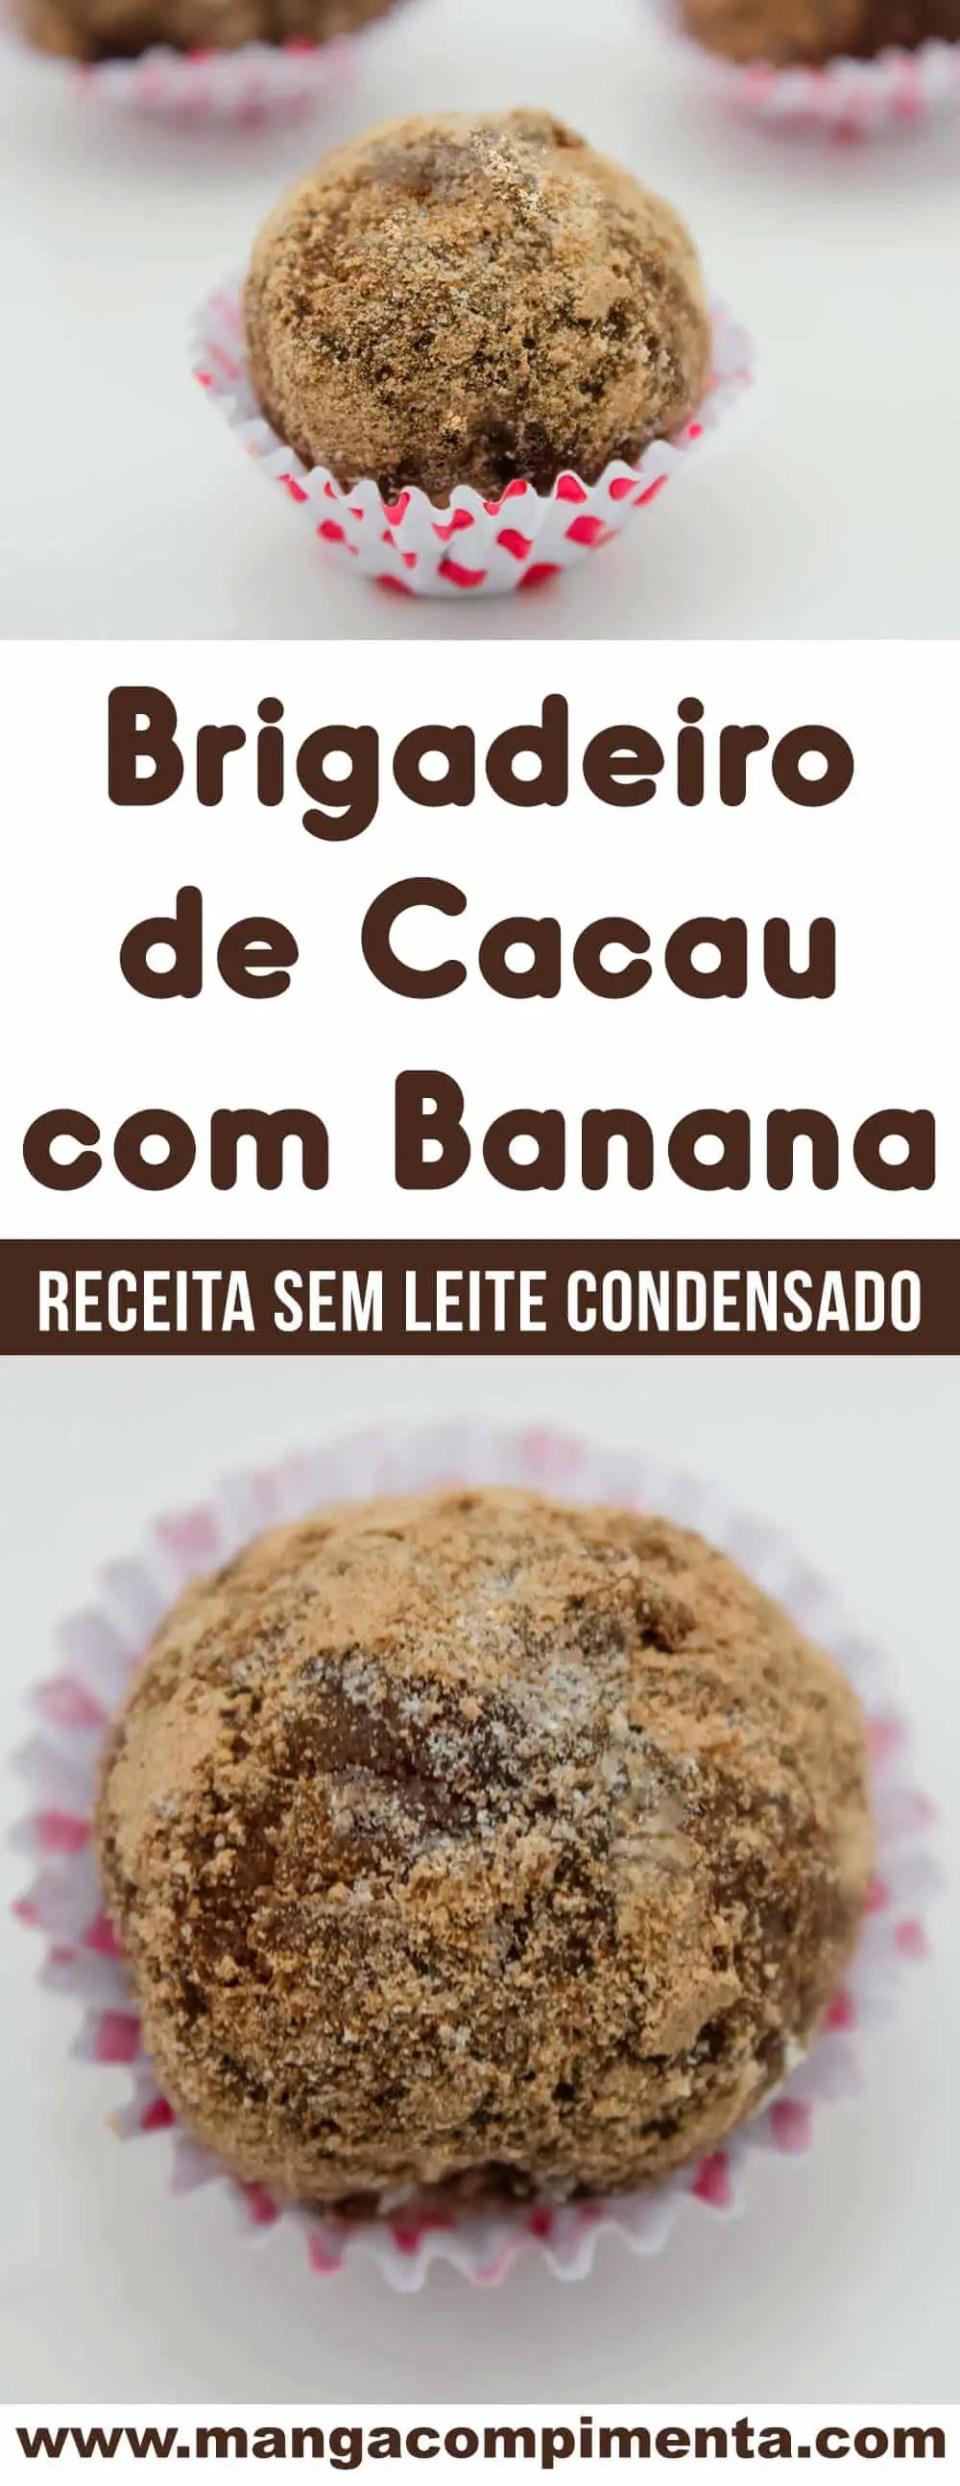 Brigadeiro de Cacau com Banana e sem Leite Condensado - para matar a vontade de comer um docinho na dieta!